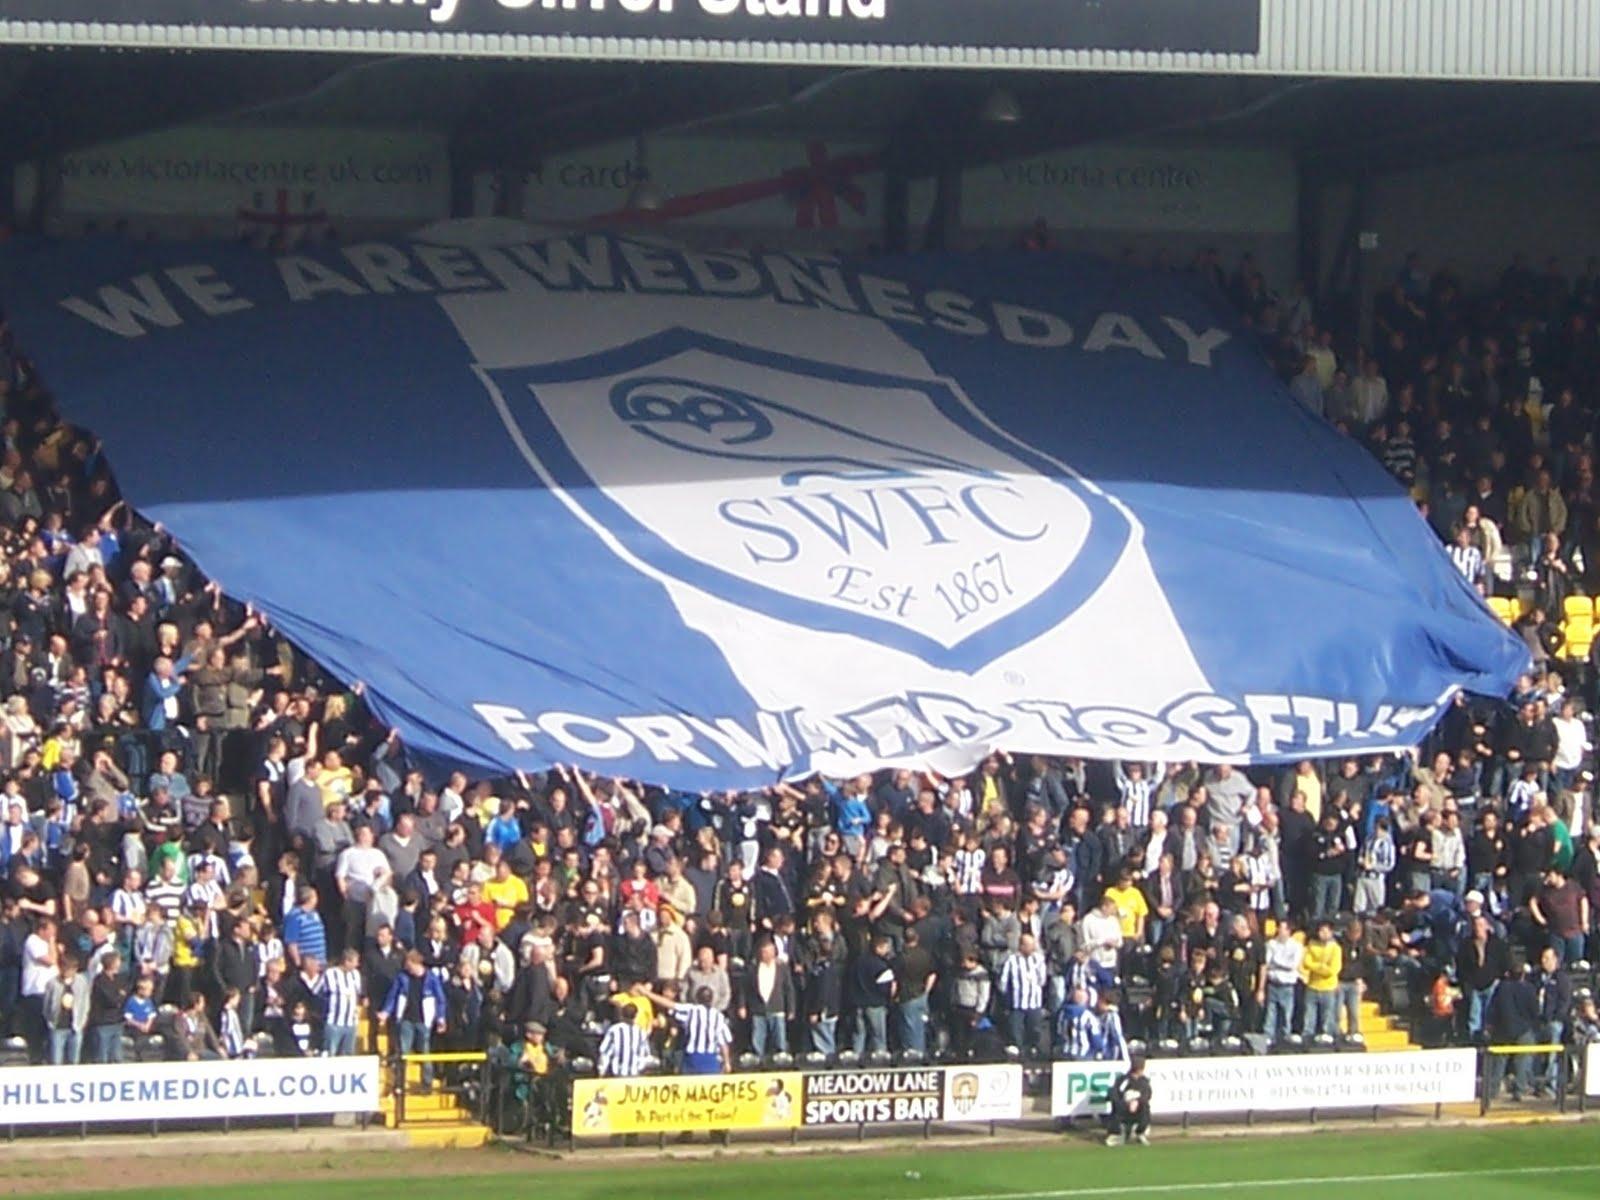 ¿Por qué el Sheffield  Wednesday se llama así?